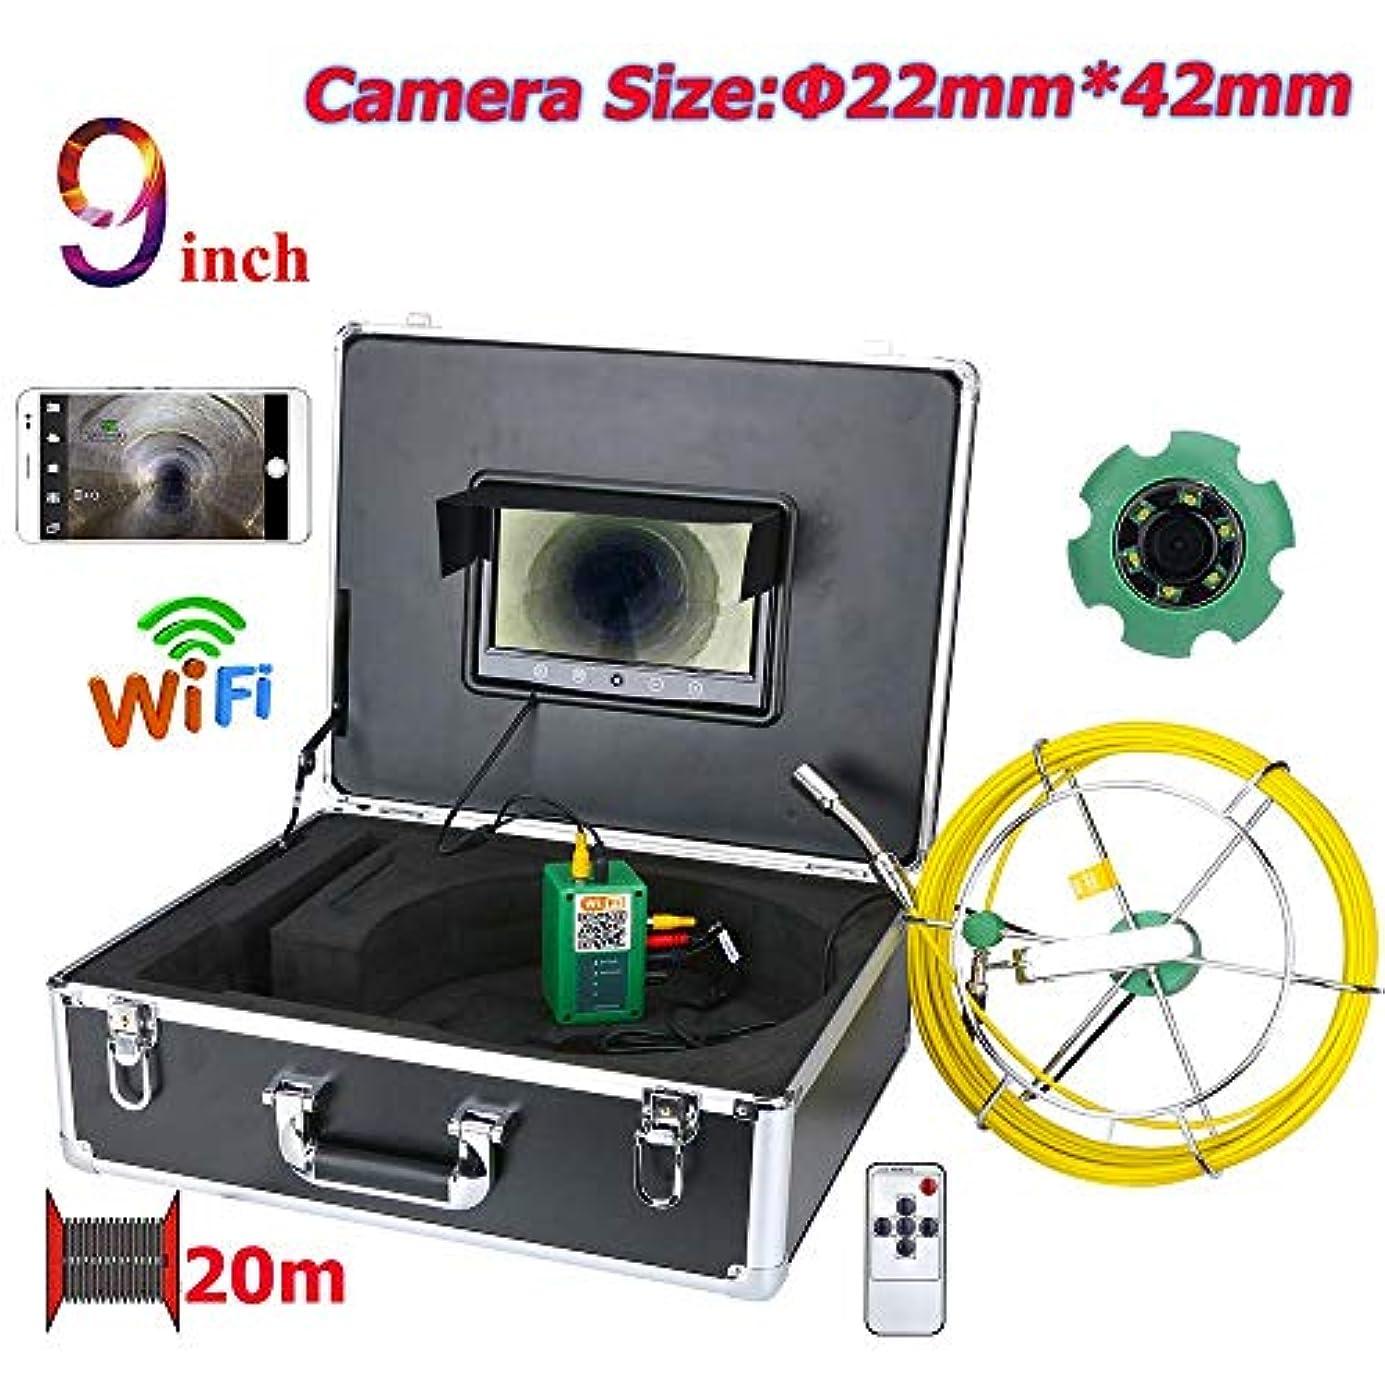 チョーク強制的敵20M / 30M / 40M / 50M 9インチWiFiワイヤレス22mm工業用パイプ下水道検査ビデオカメラシステム